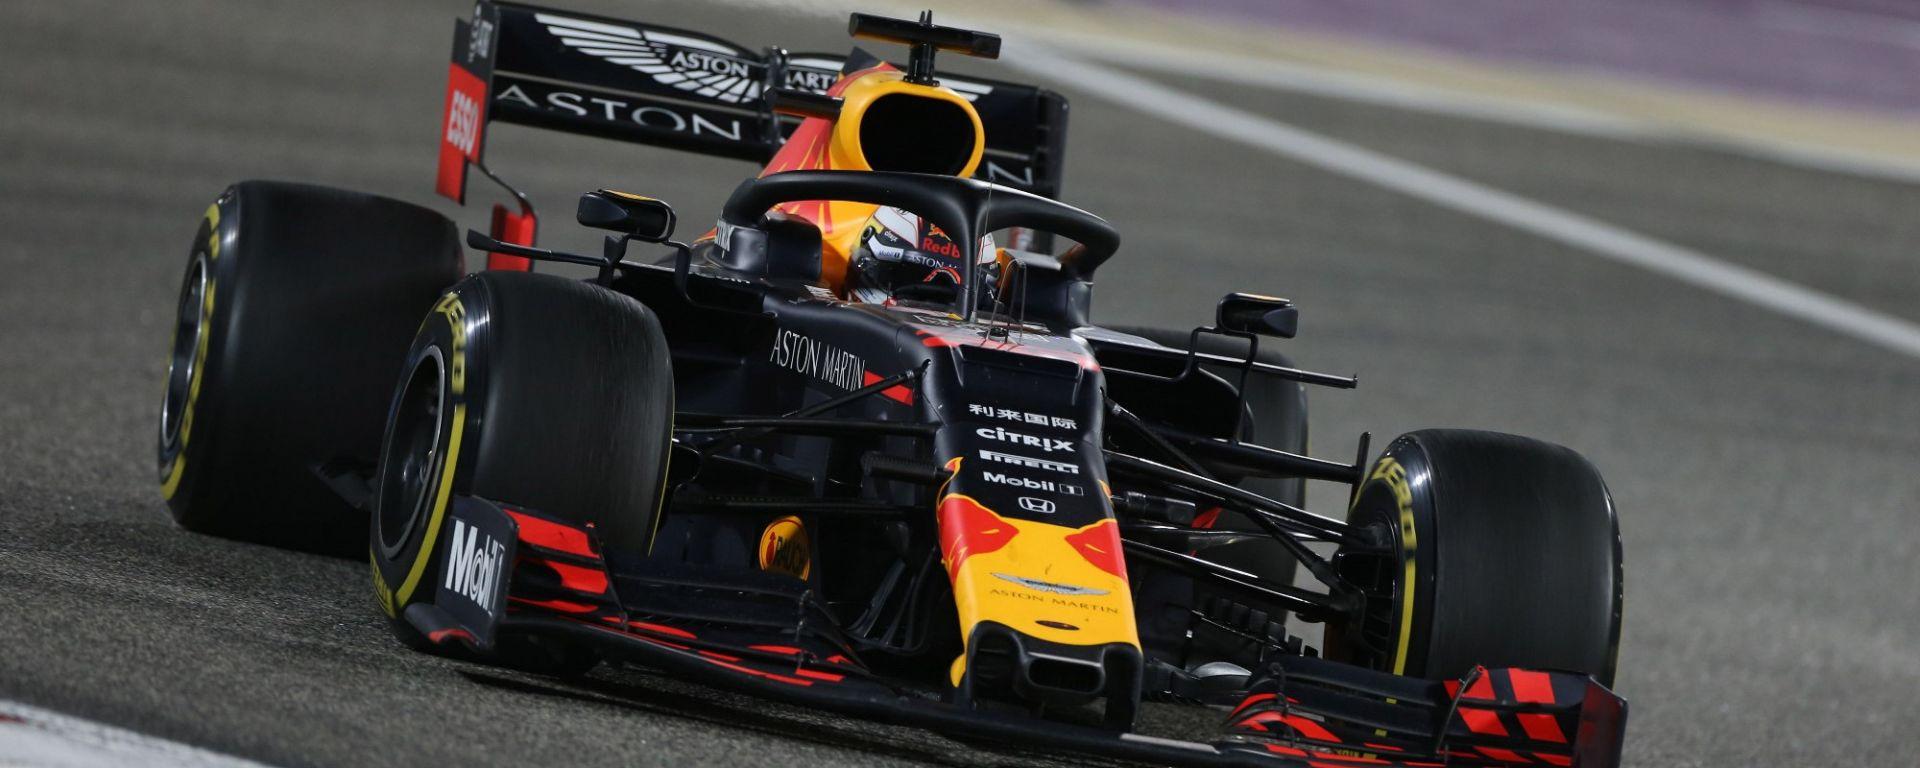 """Verstappen soddisfatto: """"Fatto il massimo, non avevamo il passo"""""""